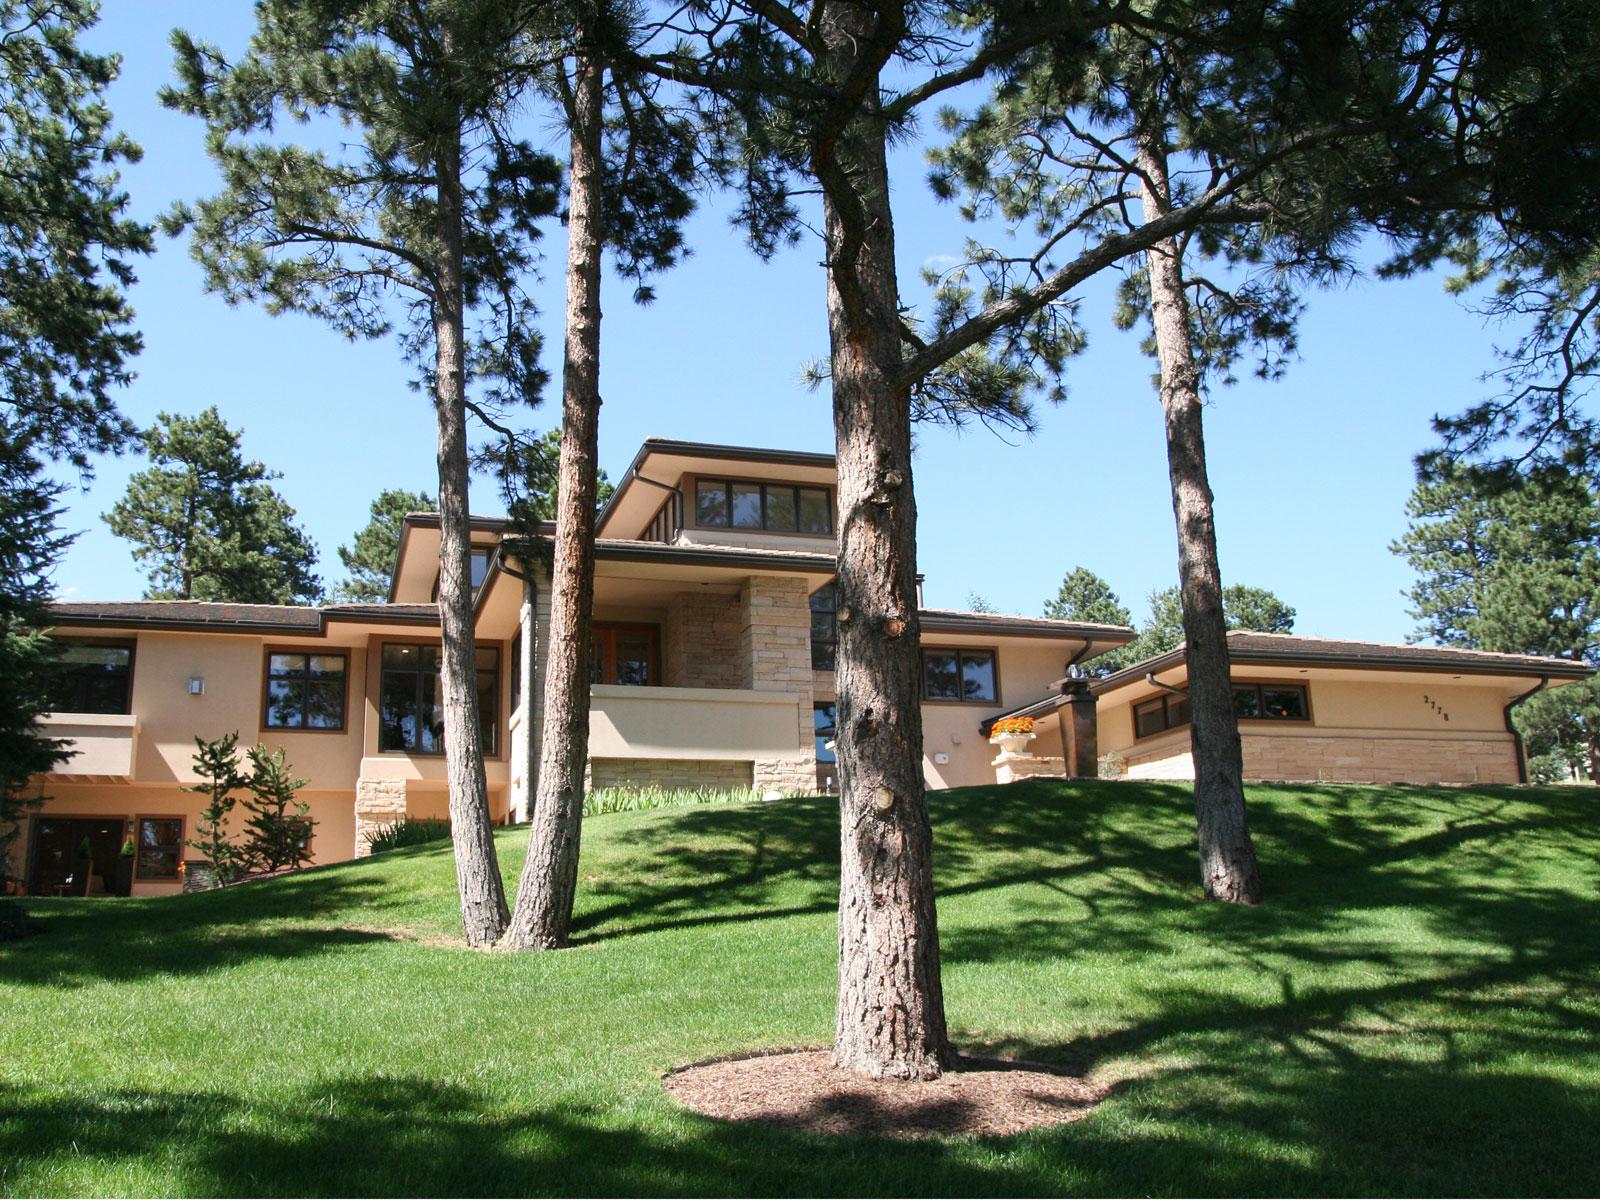 独户住宅 为 销售 在 2778 Keystone Drive Evergreen, 科罗拉多州 80439 美国